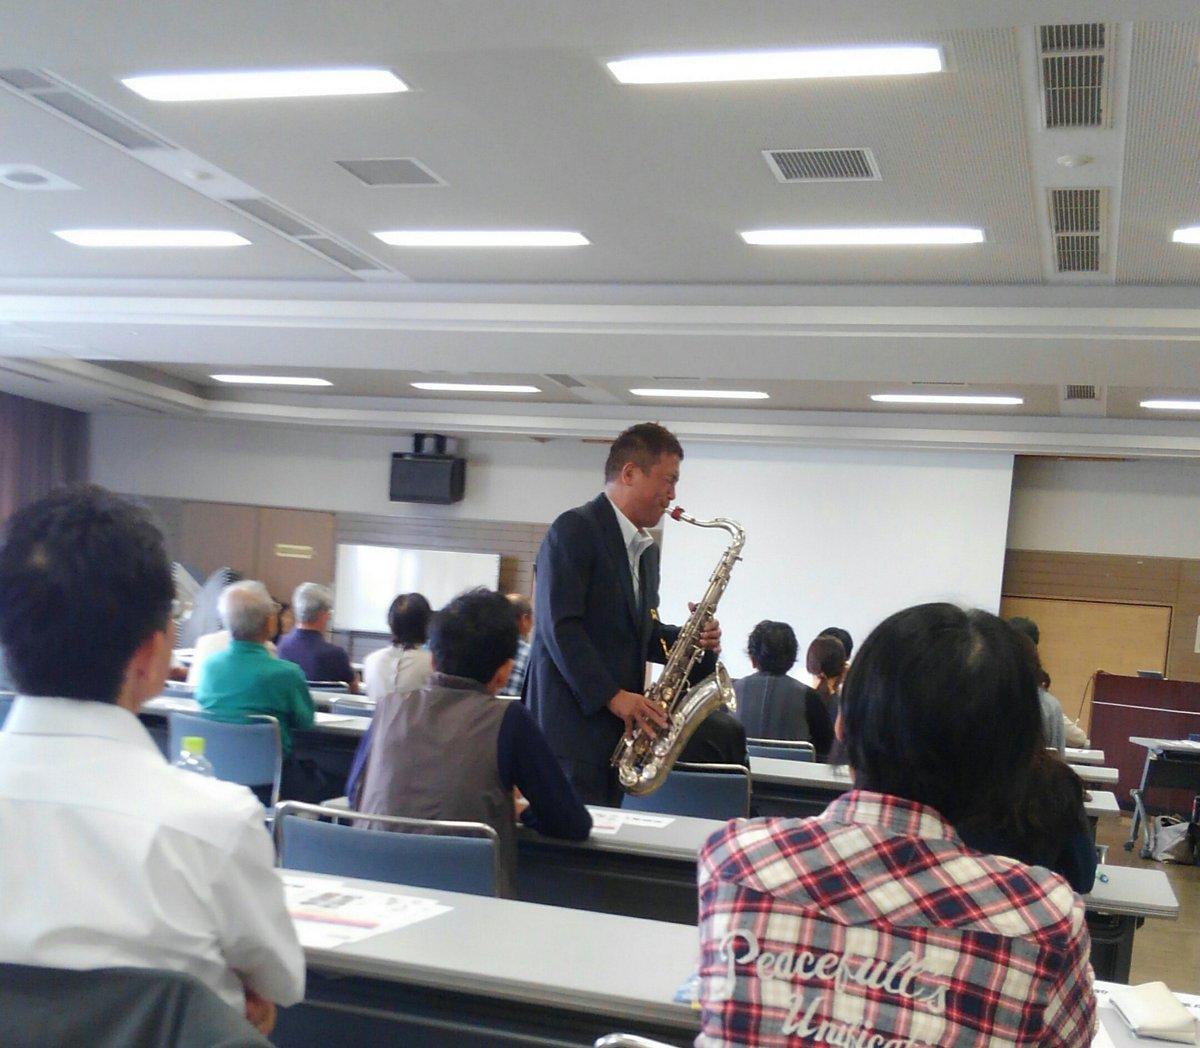 今日は、遺品整理の講演会のお手伝い✨講師はプロフェッショナル仕事の流儀に出演された #横尾将臣 さんでした。依頼者に徹底的に寄り添い、何時間もかけて一つ一つ遺品の仕分けをする。そうすることで、少しずつ依頼者の心も整理されるのですね。